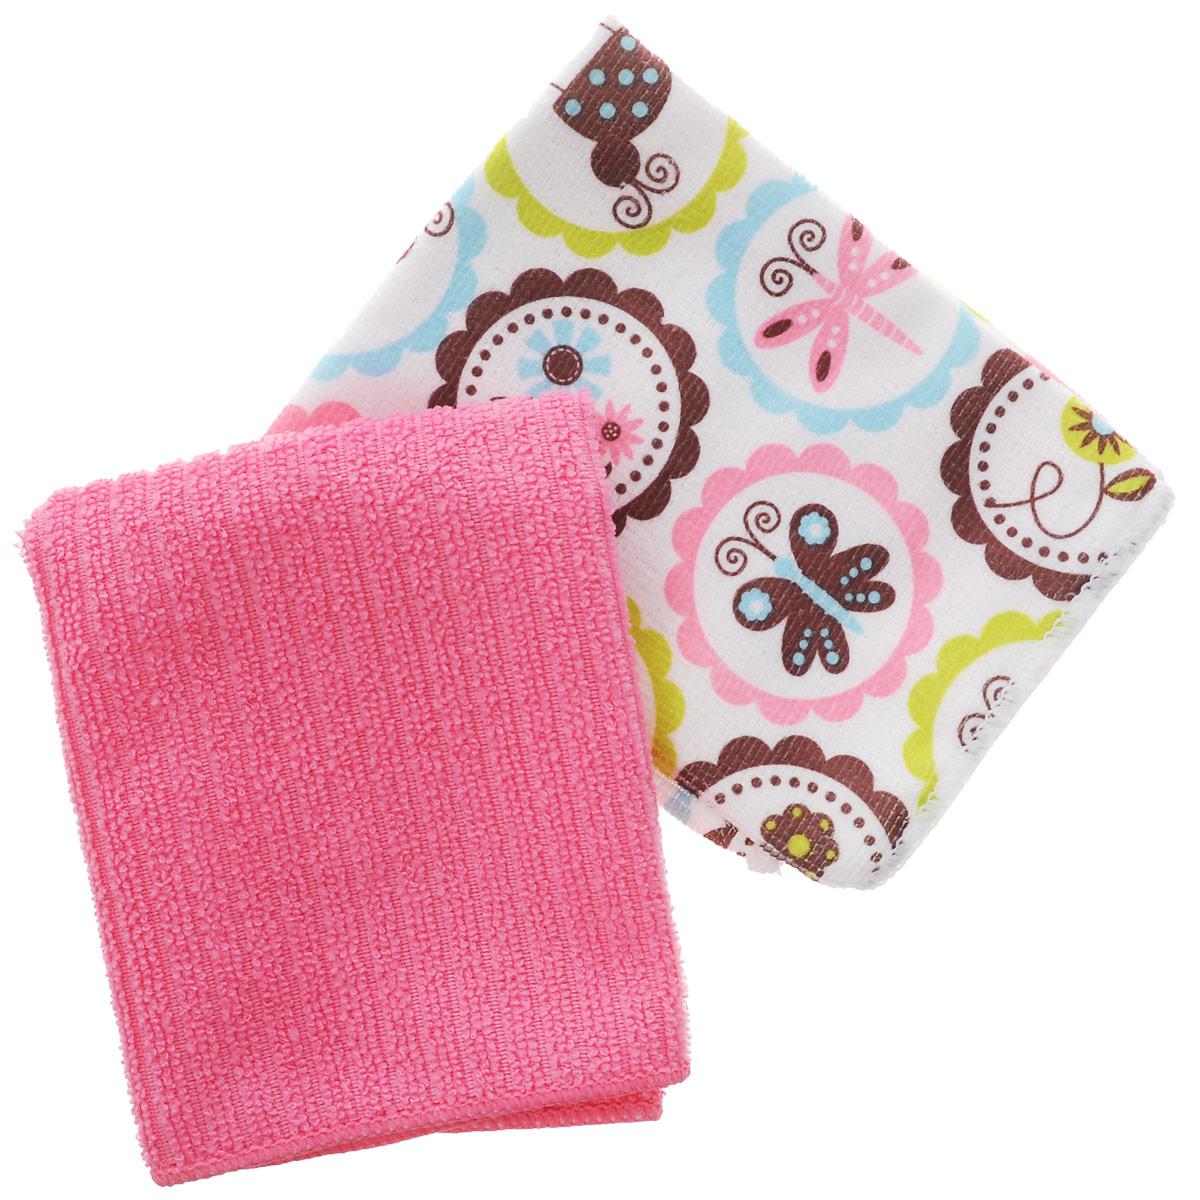 Набор полотенец Bon Appetit Бабочки, цвет: розовый, белый, 30 см х 30 см, 2 шт71578Набор полотенец Bon Appetit Бабочки, изготовленный из 100% микрофибры, идеален для рук. Этот нанотехлогочный материал, отлично впитывает воду, сохраняет яркие краски и внешний вид после многочисленных стирок. Качество материала гарантирует безопасность не только взрослых, но и самых маленьких членов семьи. Изделие украшено оригинальным и ярким рисунком, оно впишется в интерьер любой кухни. Кухонные полотенца Bon Appetit идеально дополнят интерьер вашей кухни и создадут атмосферу уюта и комфорта. Размер полотенца: 30 см х 30 см. Комплектность: 2 шт.